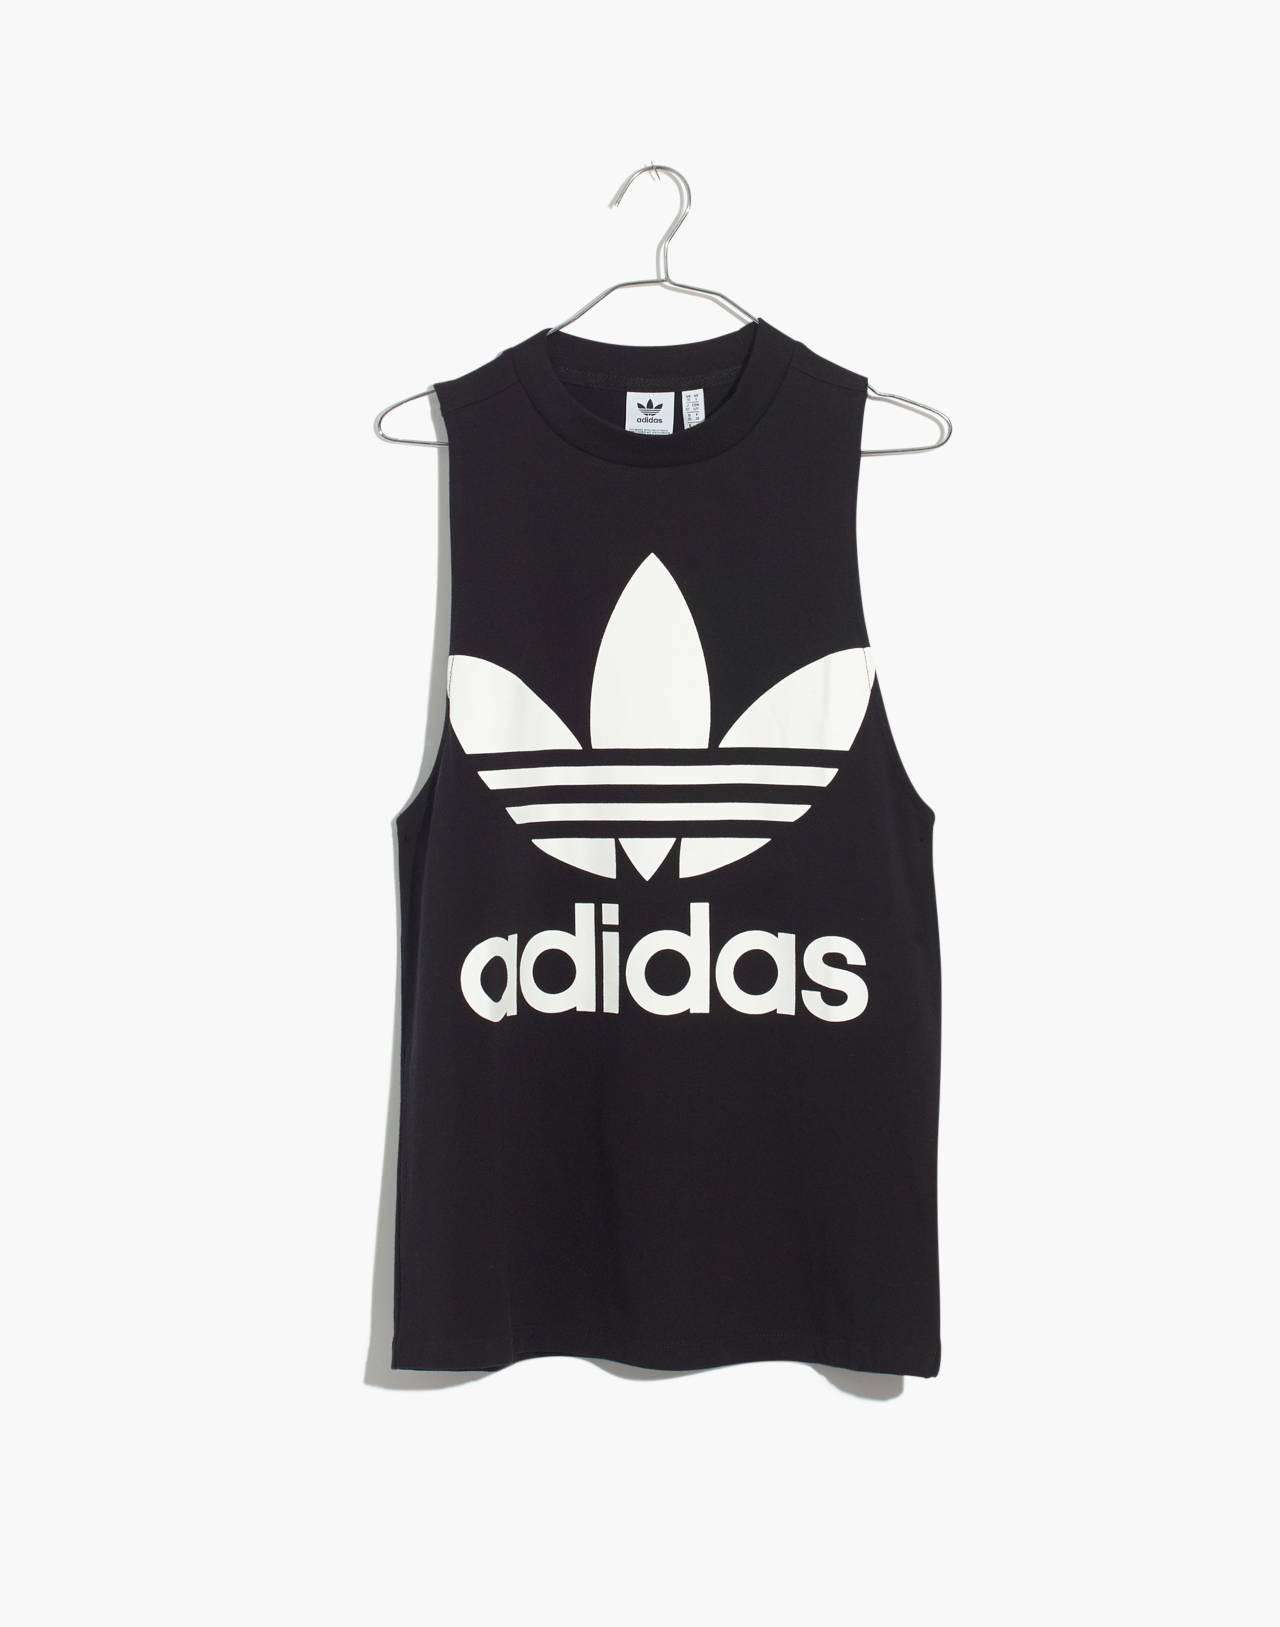 Adidas® Originals Trefoil Tank Top in black adidas image 4